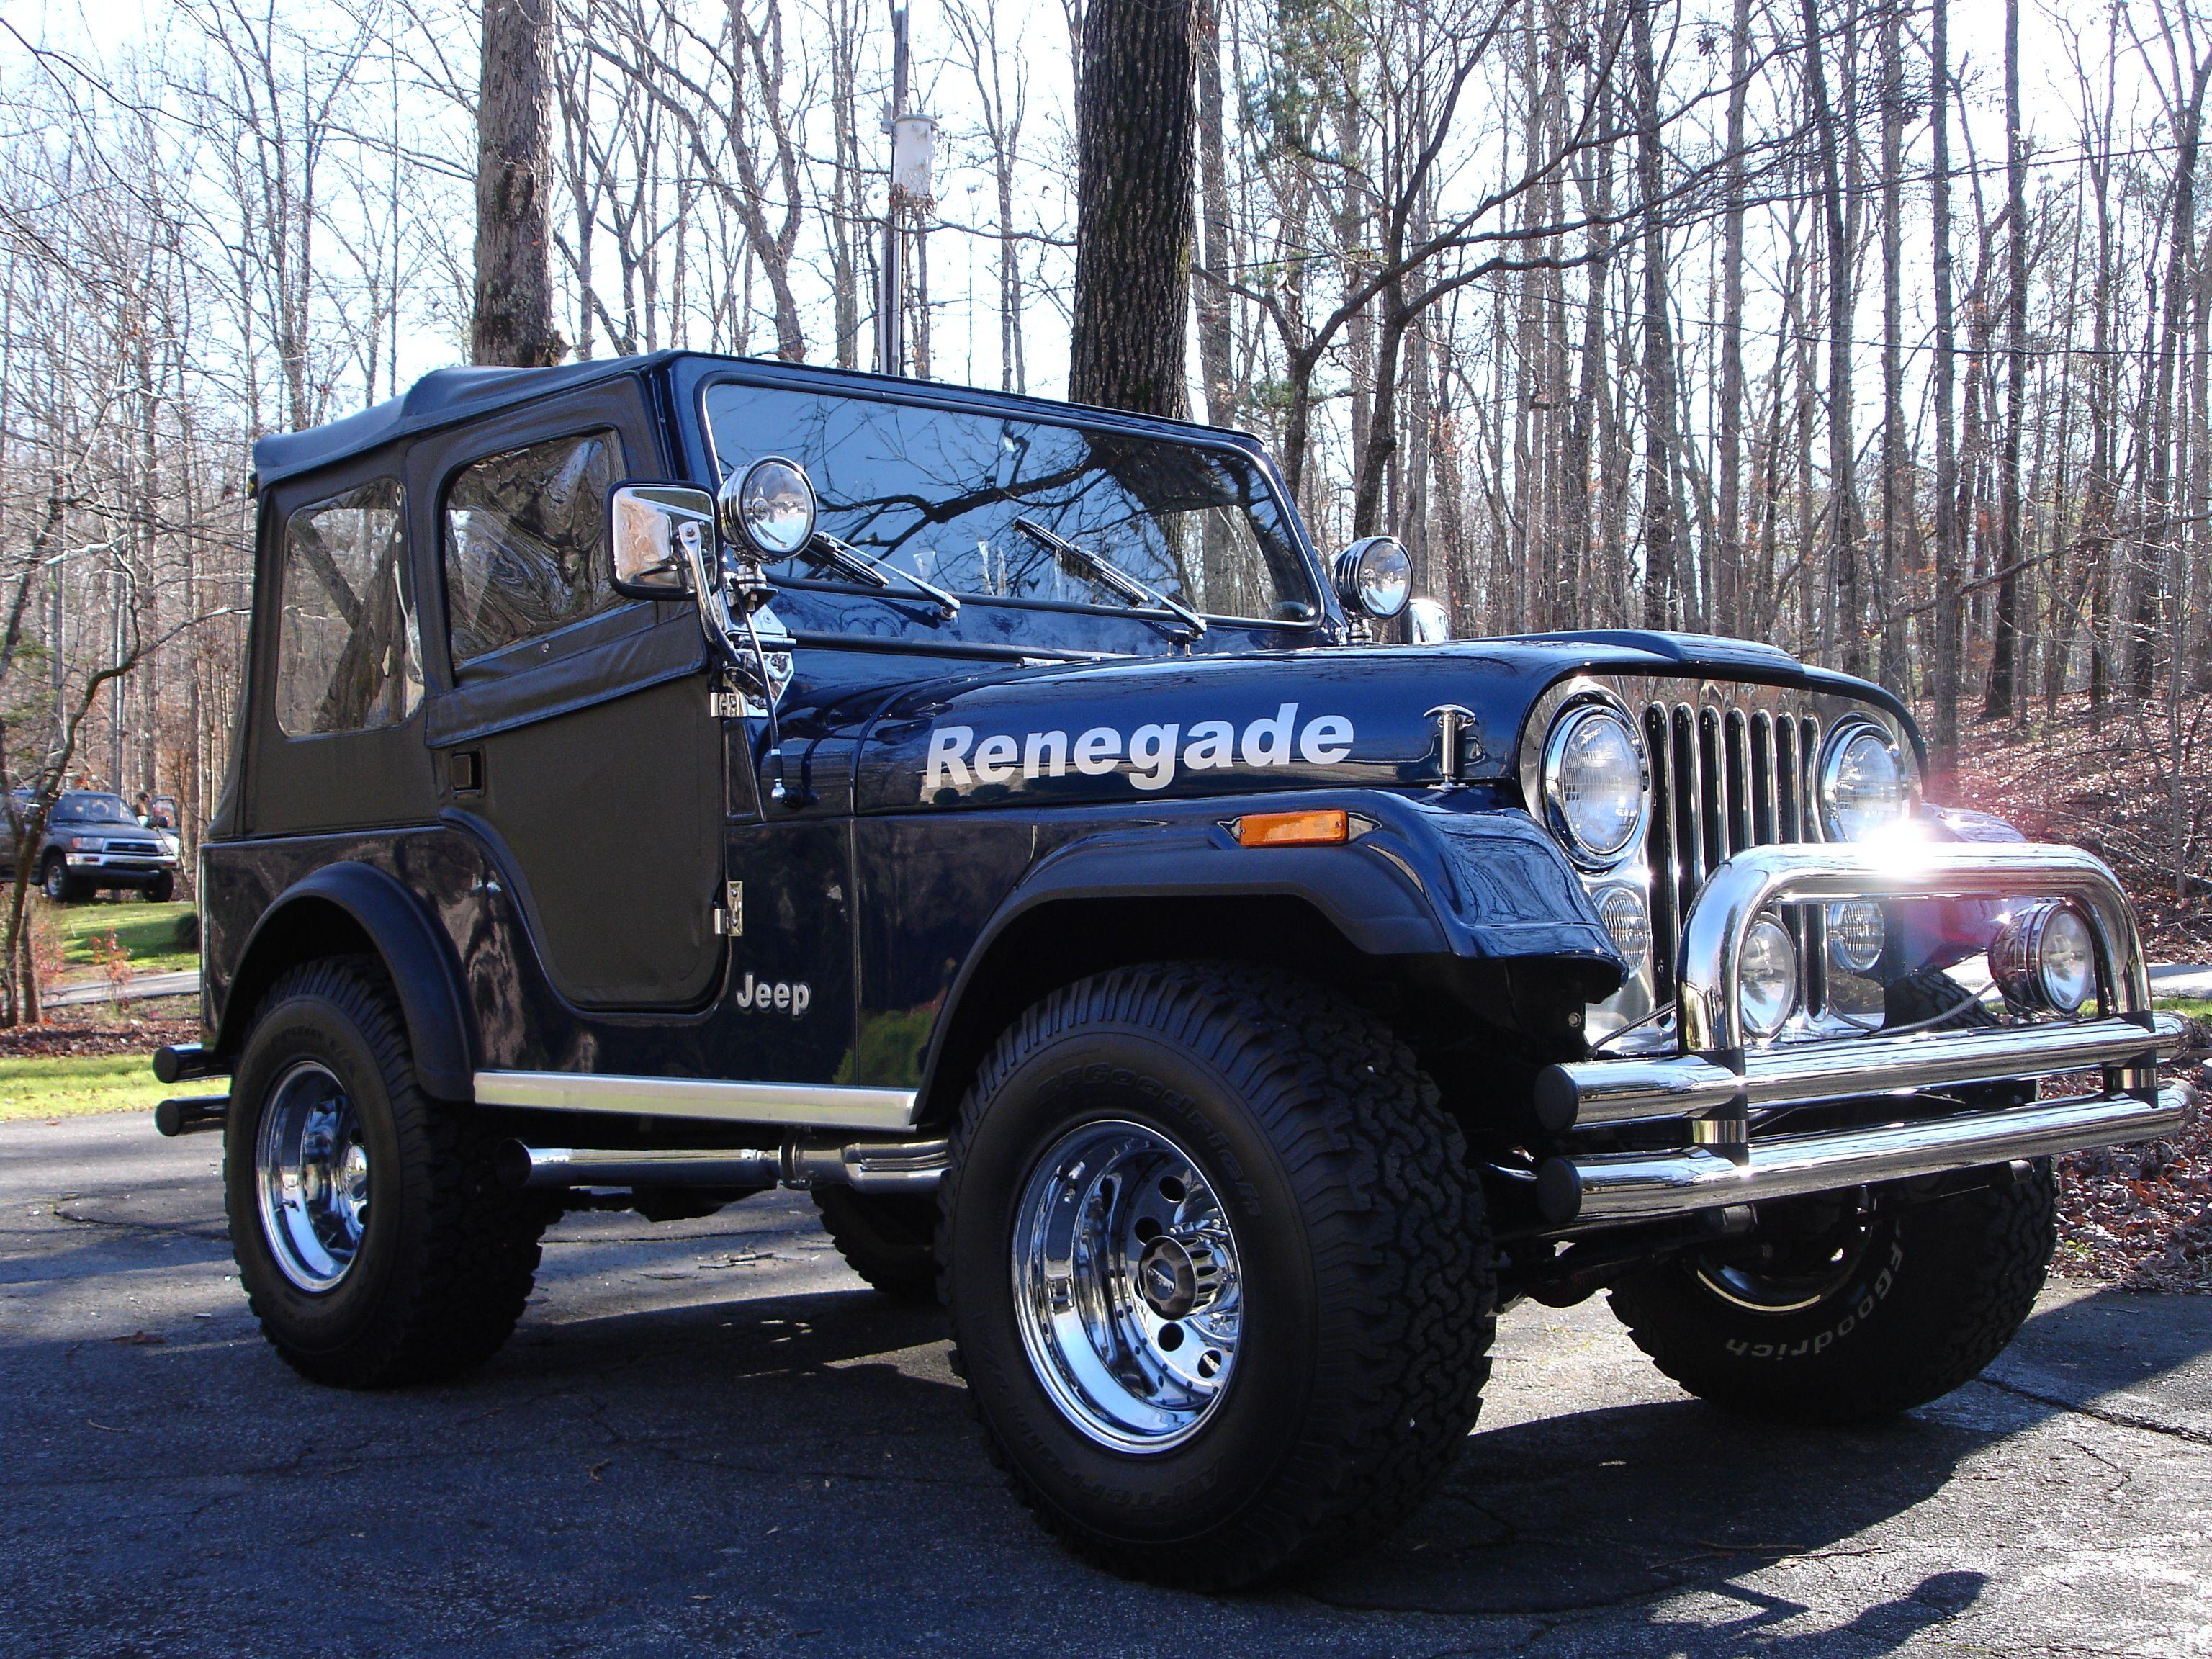 hight resolution of 1981 jeep cj5 304 4sp jeep cj7 jeep renegade jeeps offroad 4x4